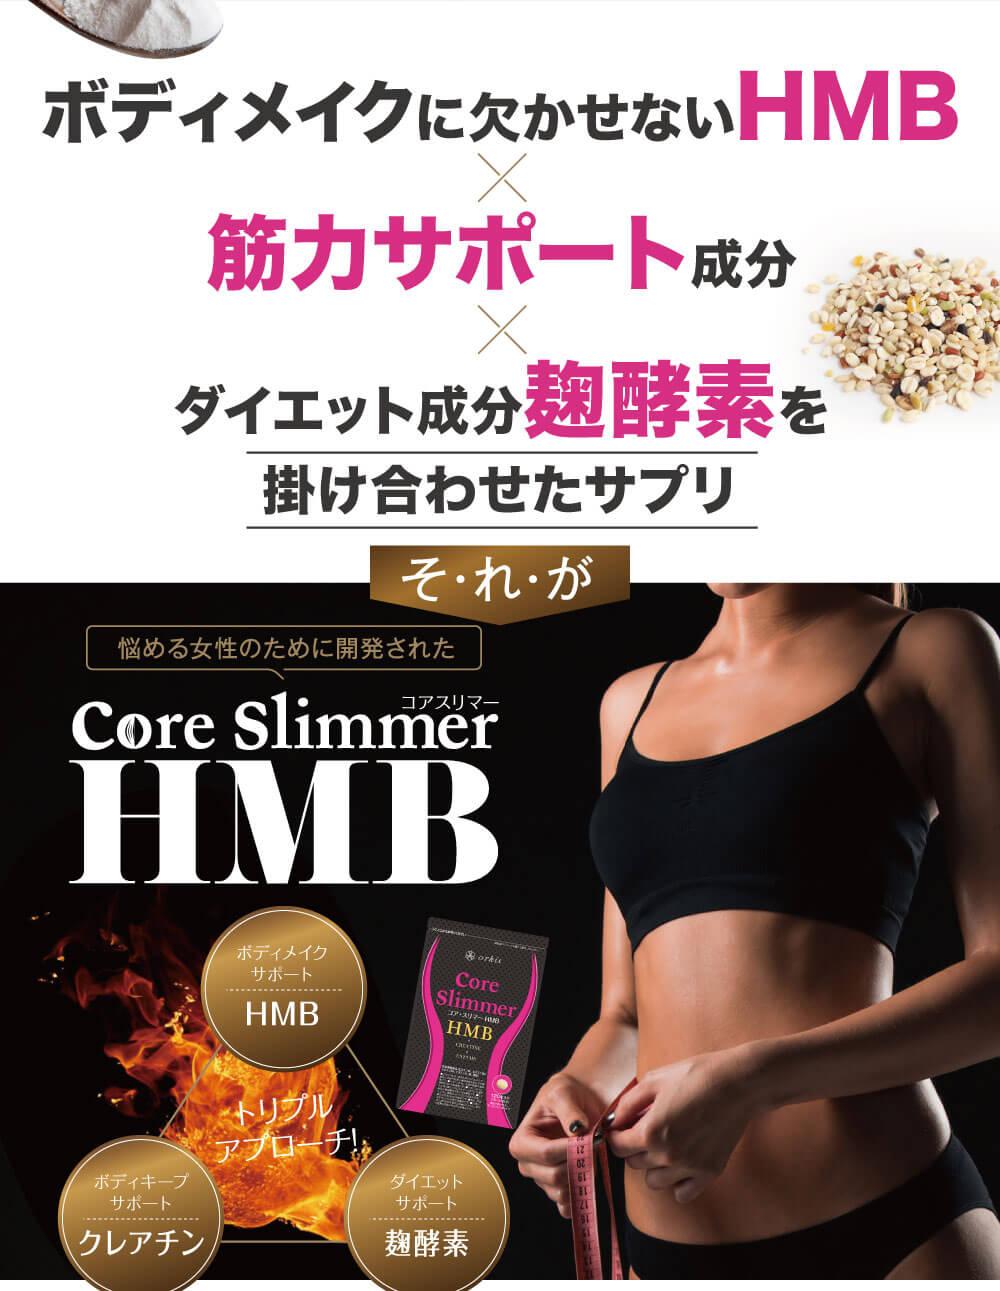 筋力アップの最強成分とダイエット成分で有名な麹酵素を掛け合わせたHMB